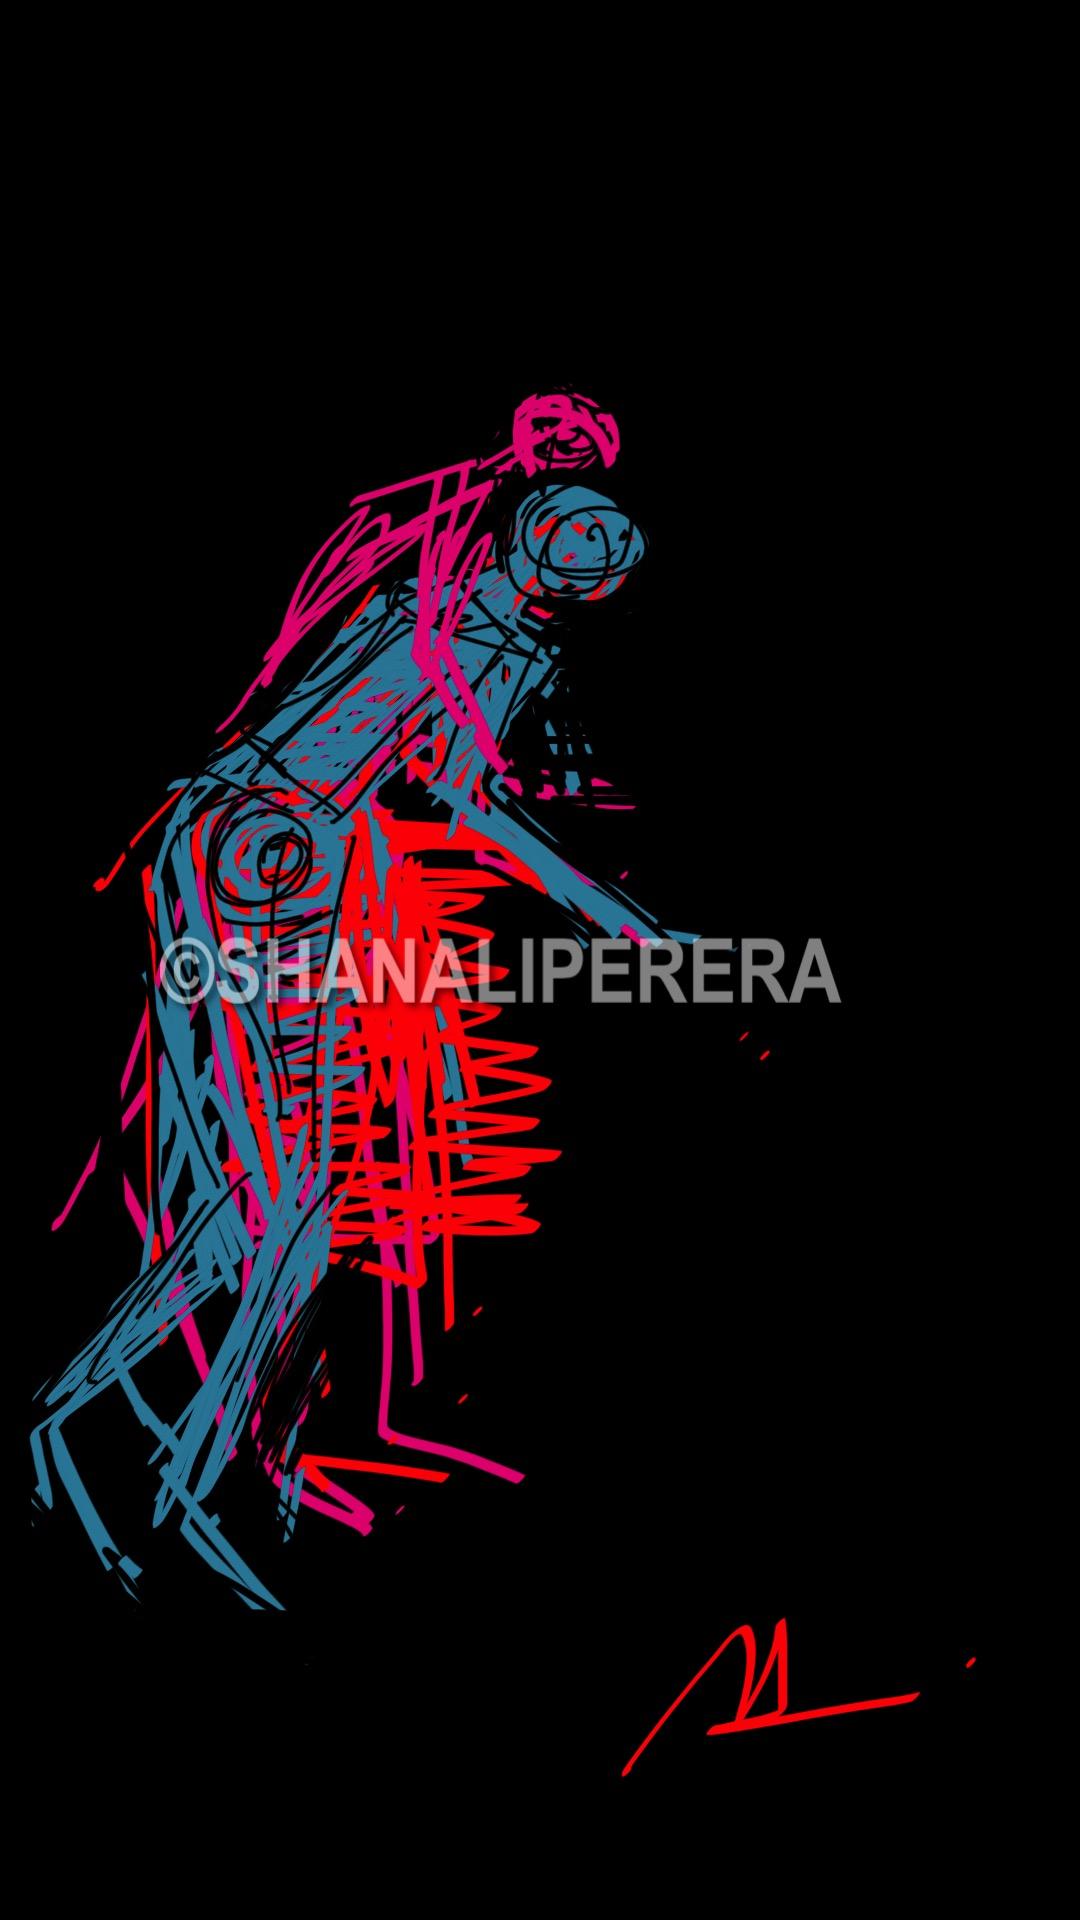 sketch-1476645115966-1.jpg